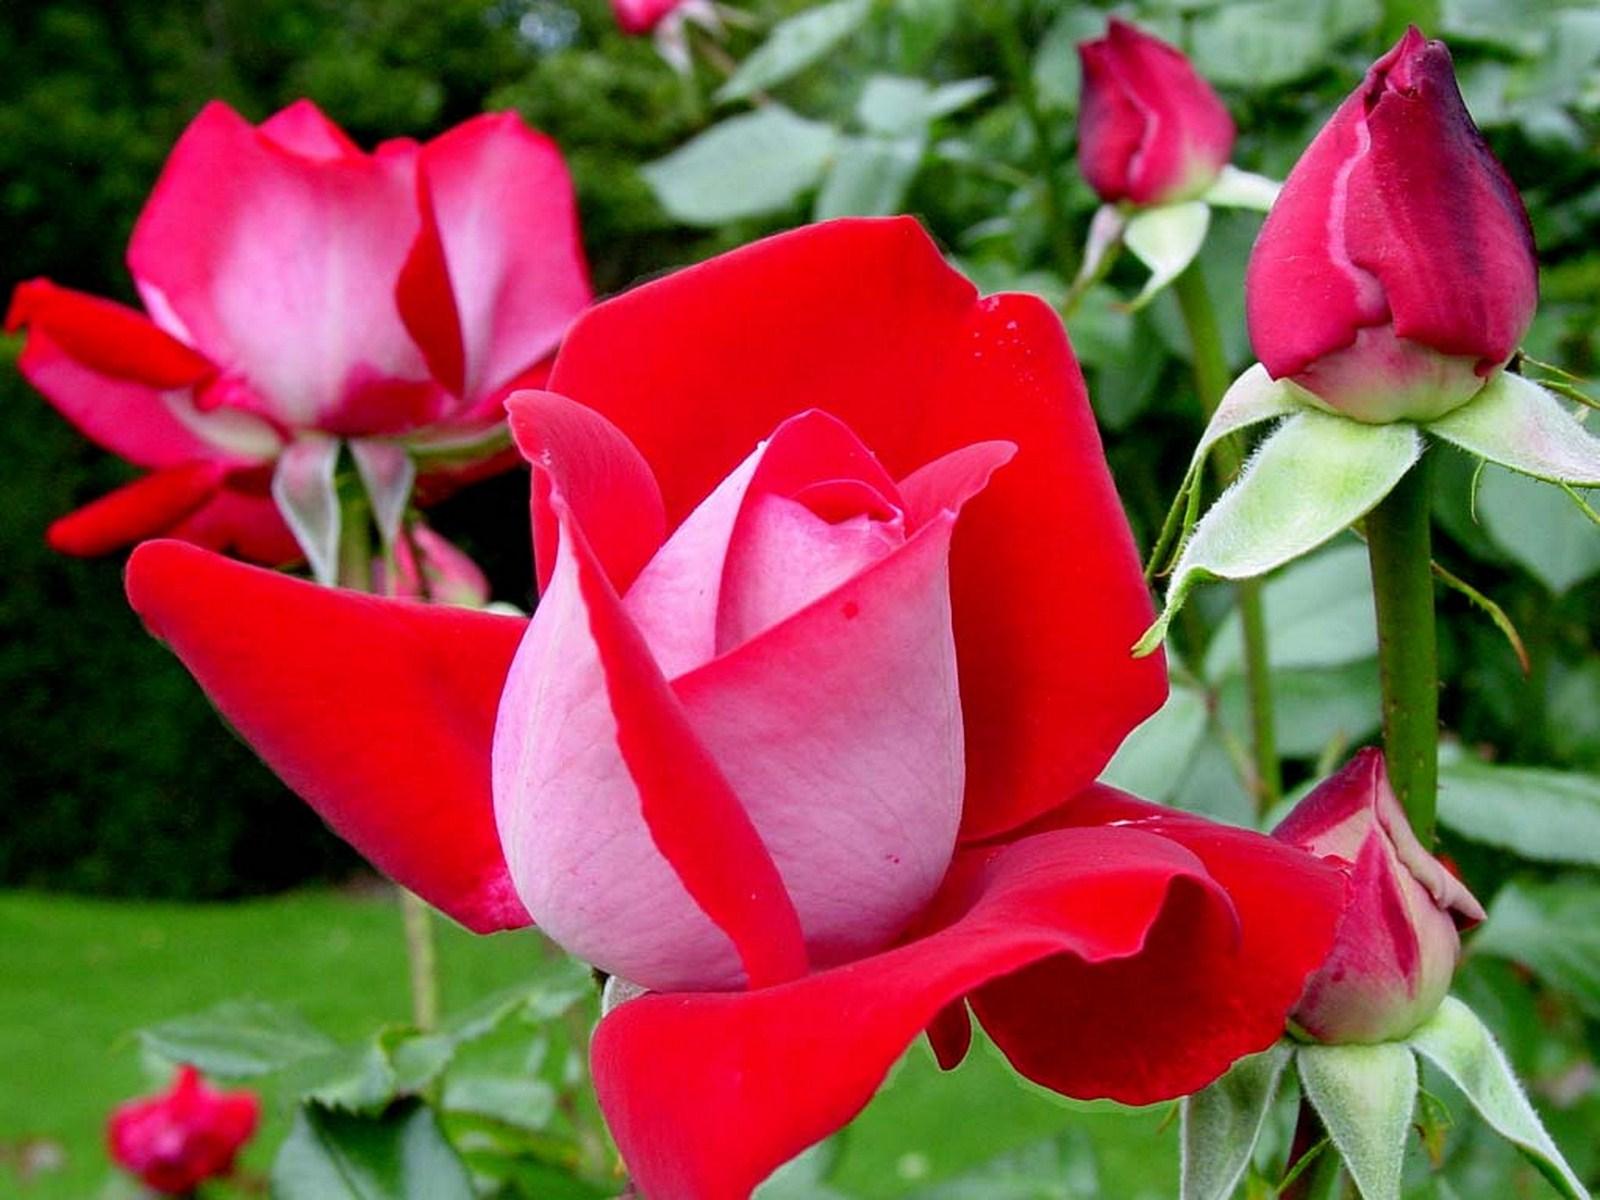 صور الورد الحلو 10